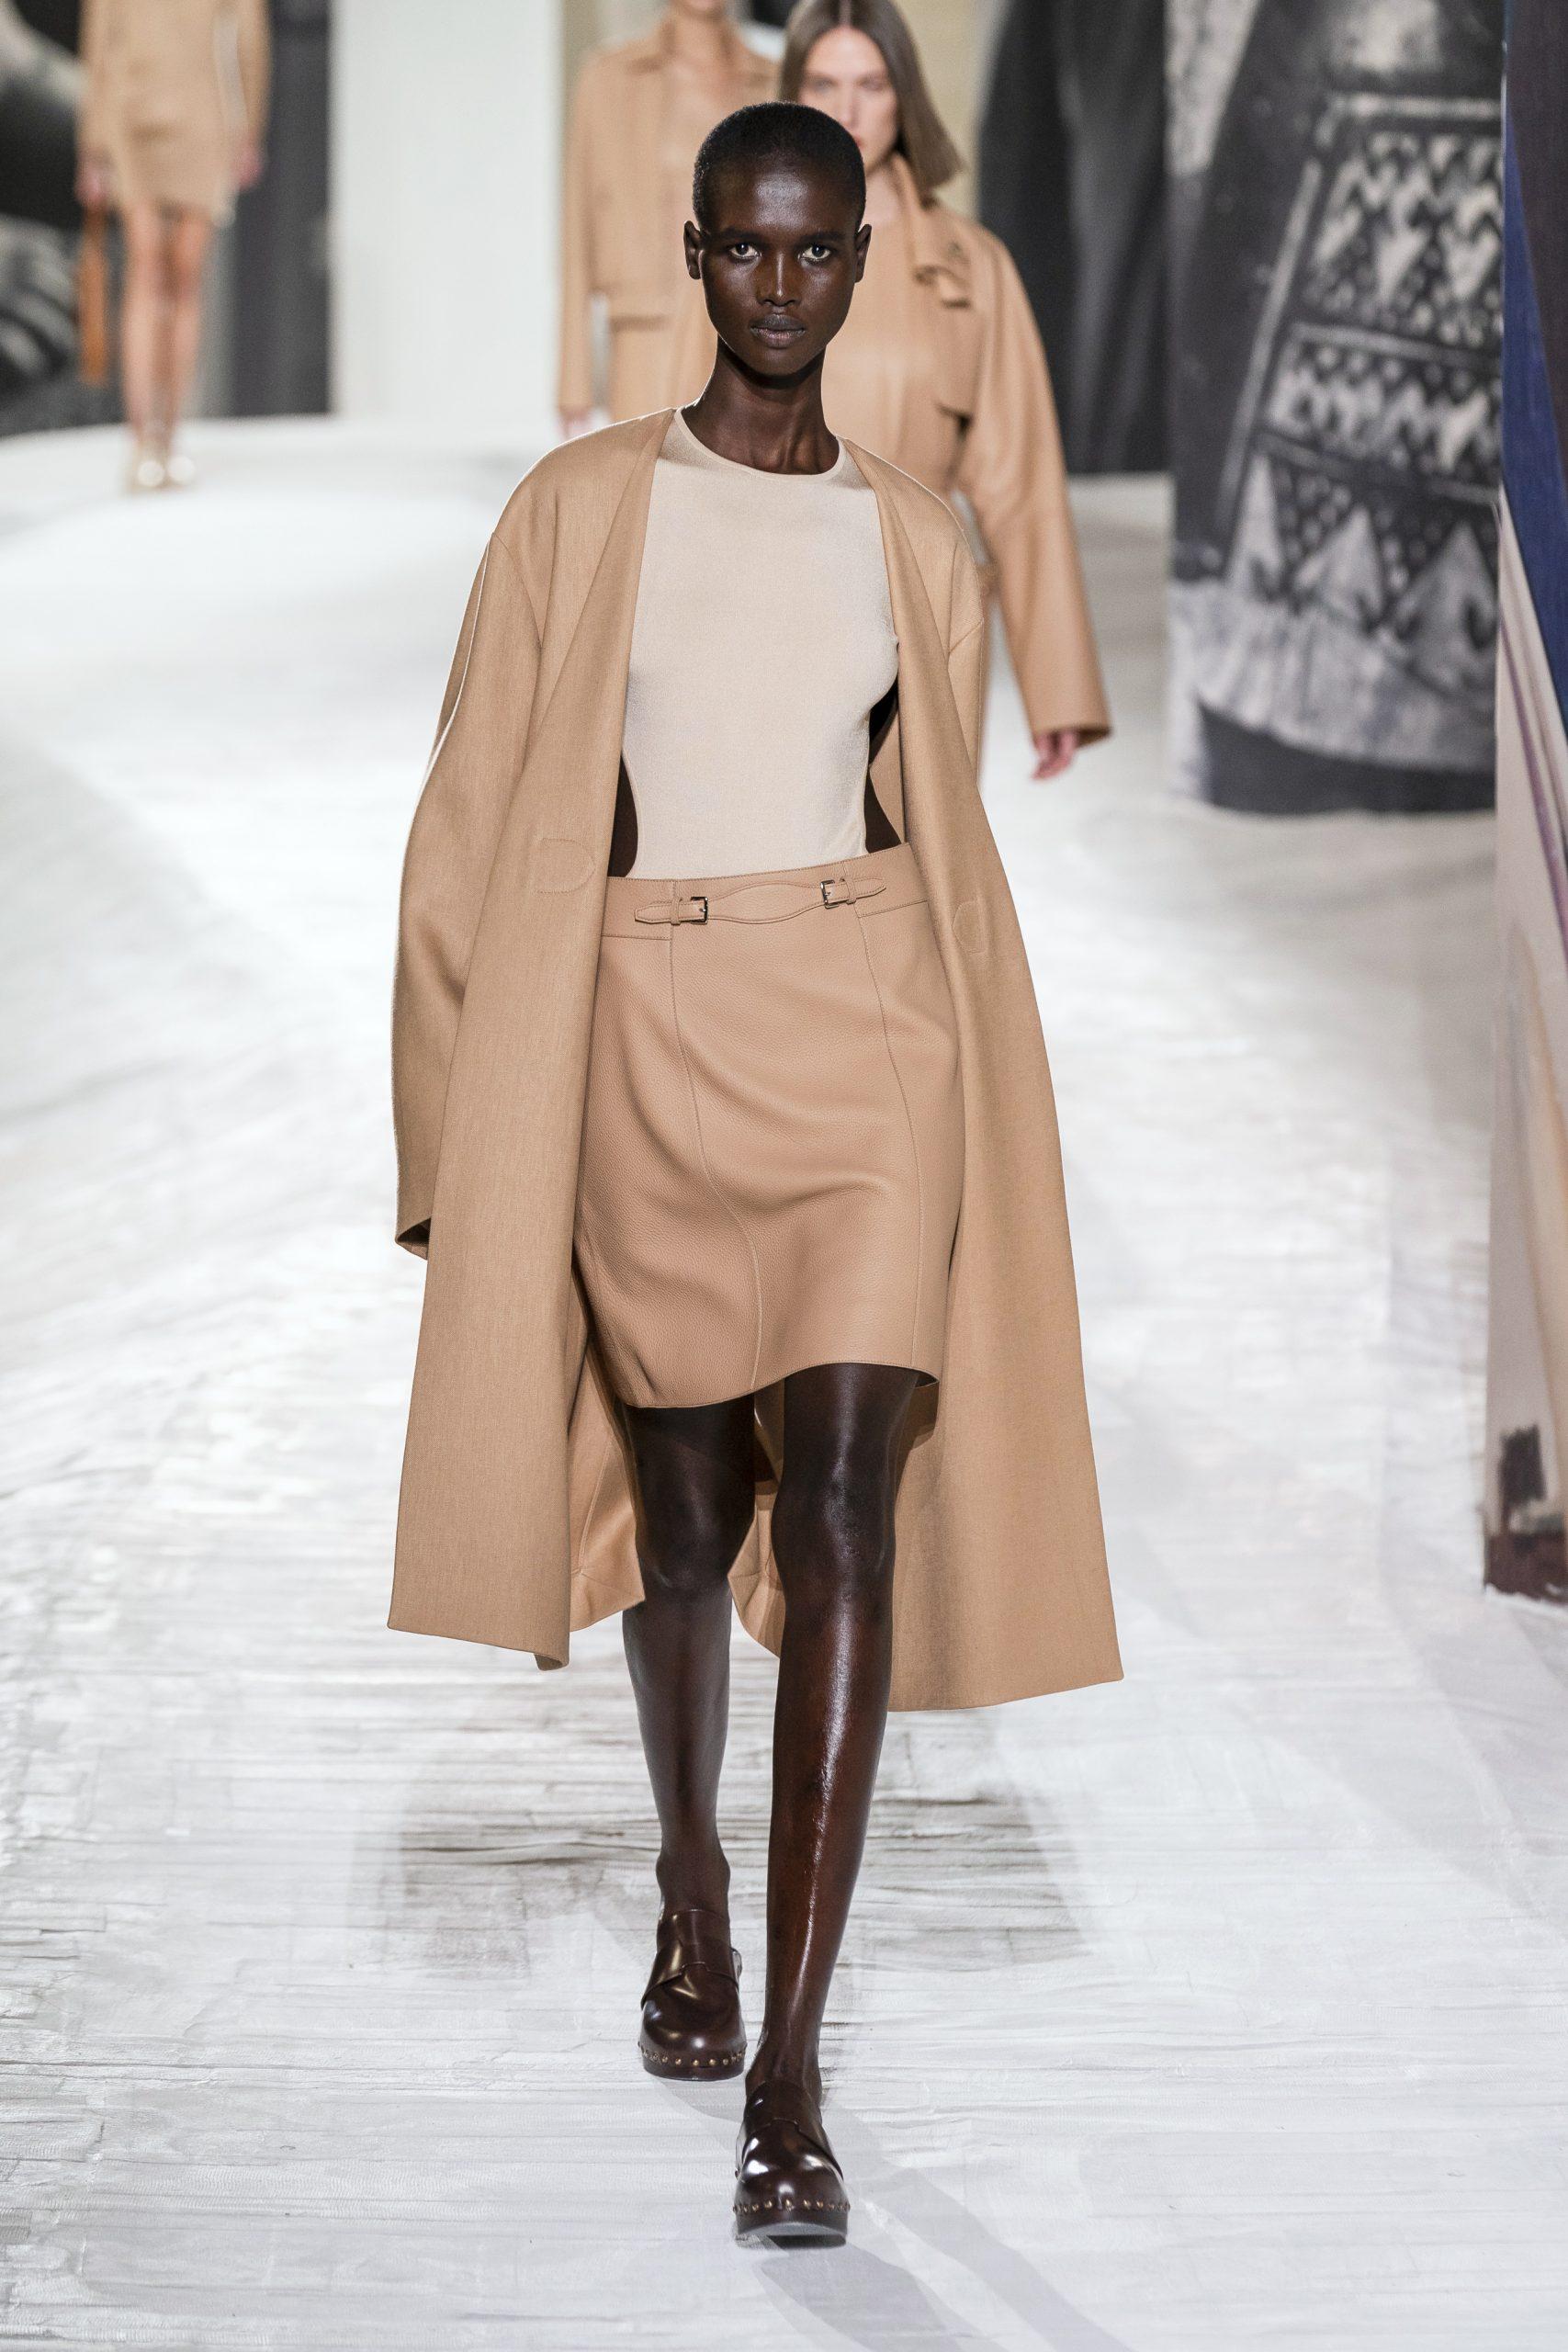 4. kép: Párizsi divathét - Hermès - 2021 tavasz-nyár - ready to wear